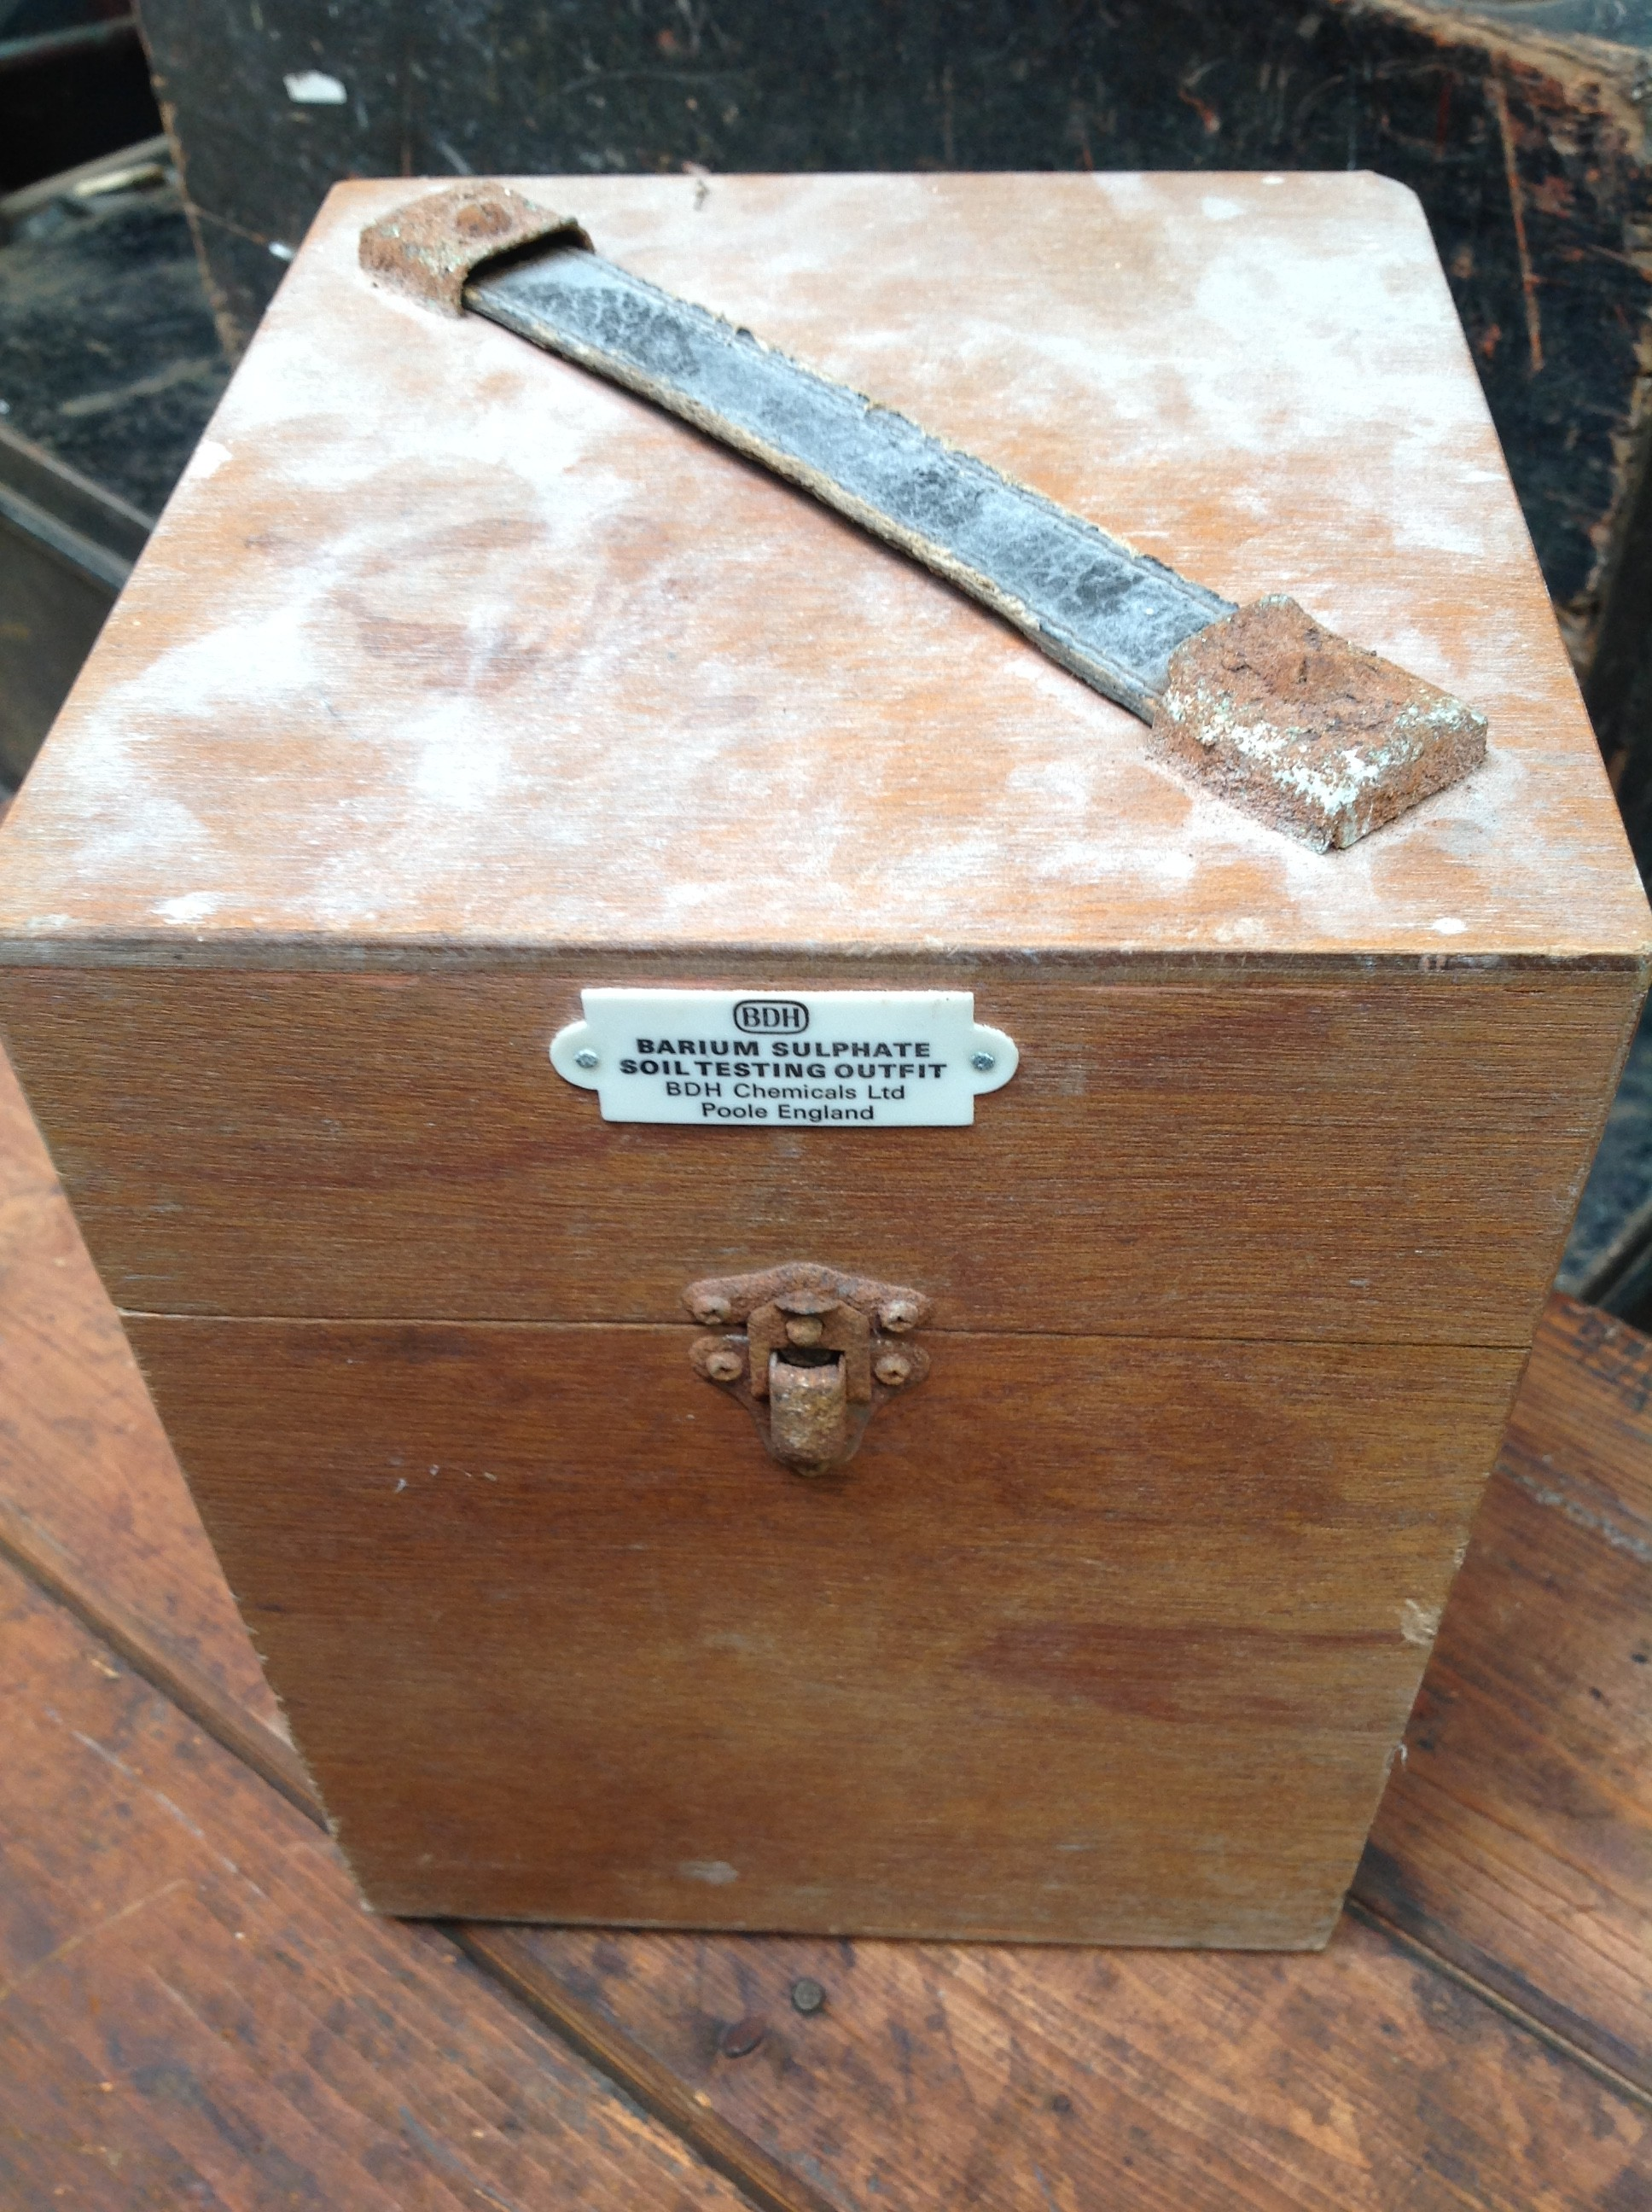 Borium sulphate soil testing kit - On The Square Emporium